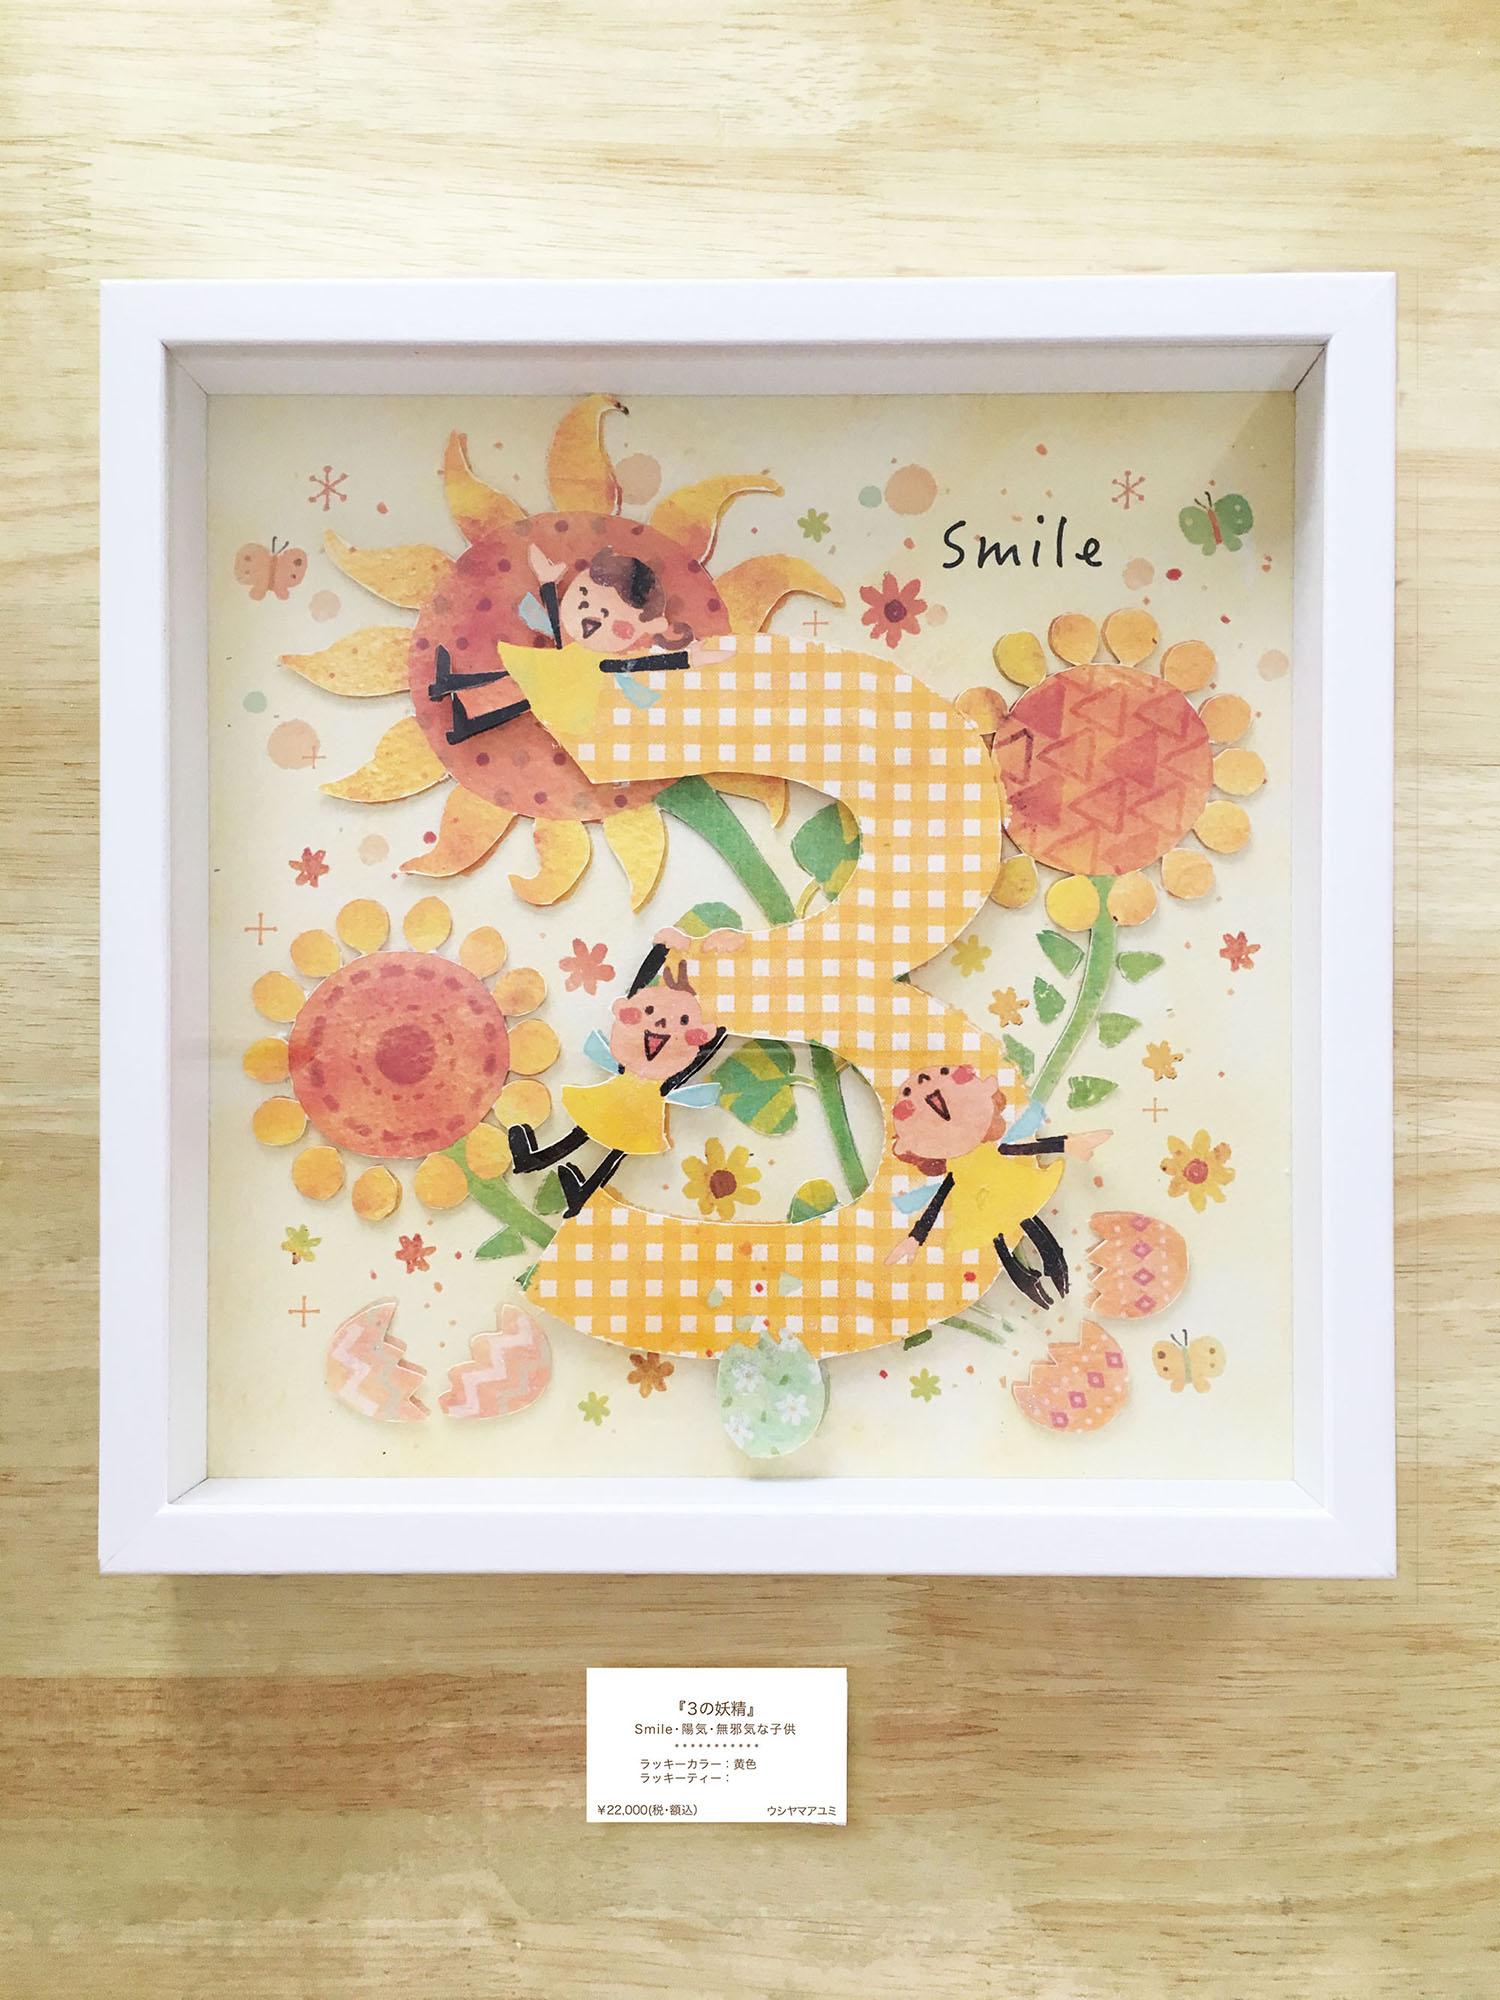 『3の妖精 [Smile]』<br>(半立体・水彩デジタルプリント)<br> W270×H270×D35mm(額寸)<br> ¥22,000(税・額込み)